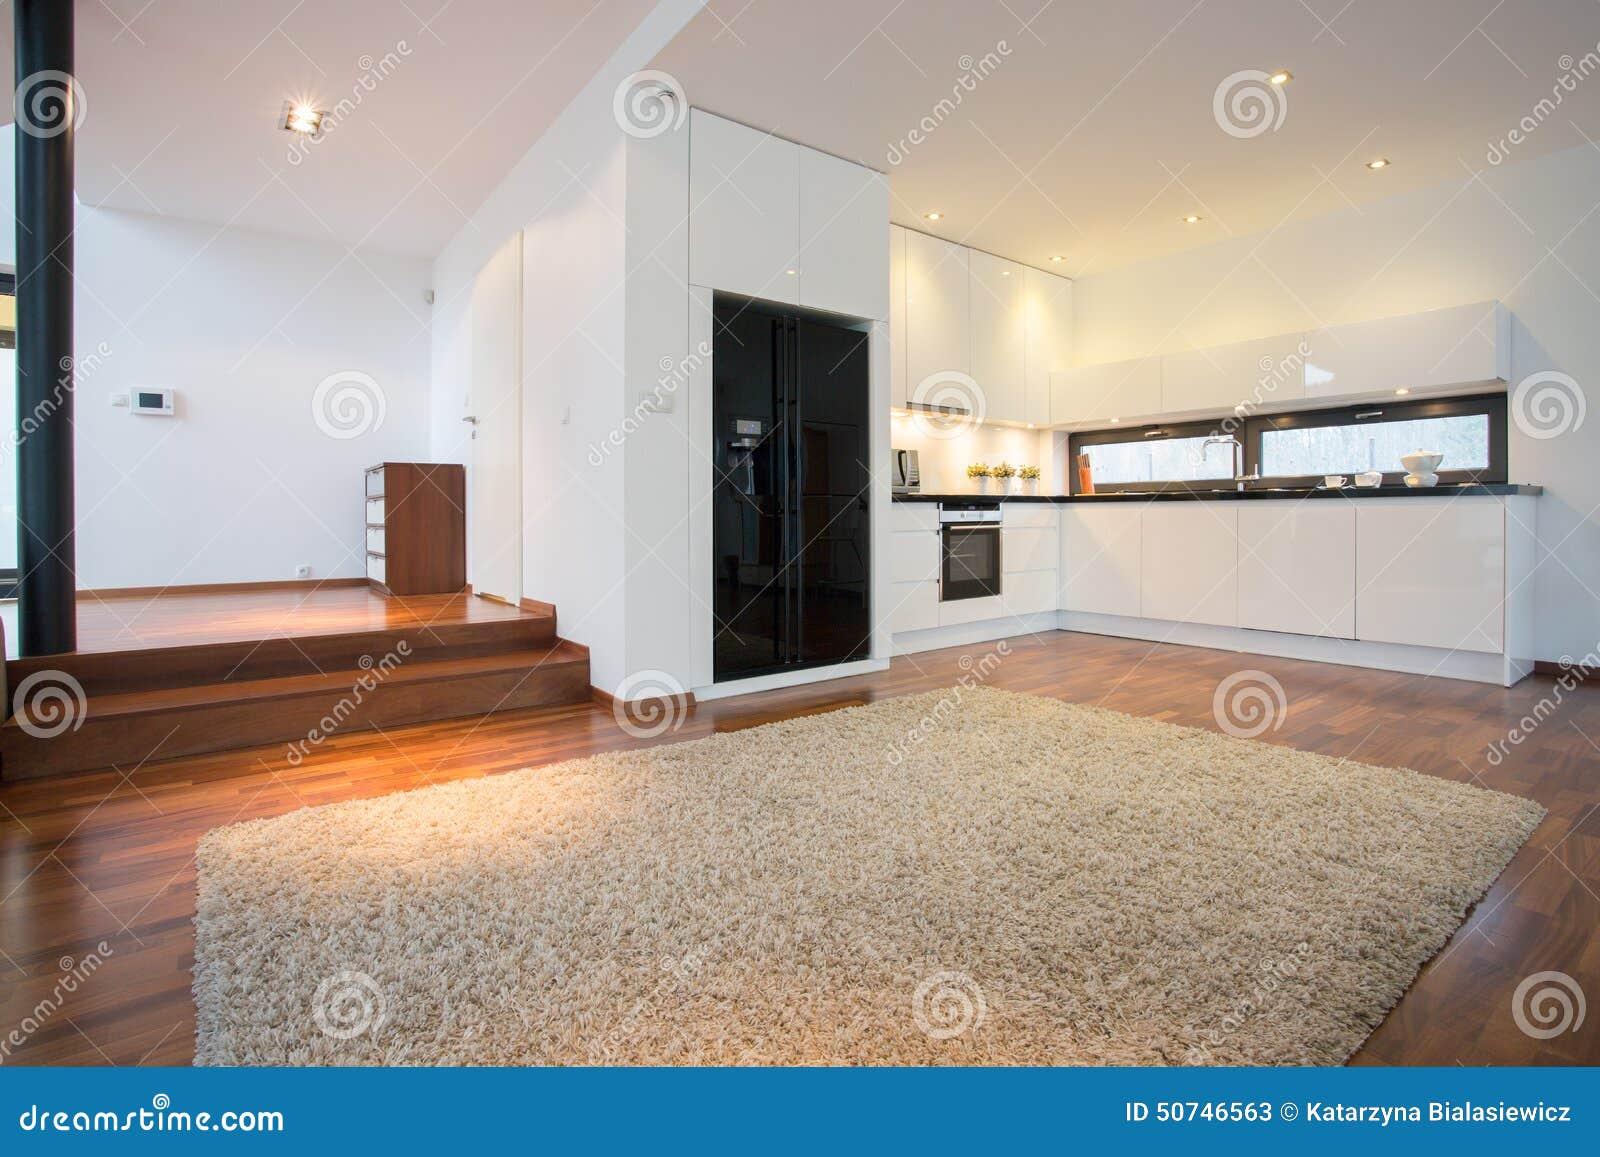 Ruime woonkamer met open keuken stock foto afbeelding 50746563 - Open keuken m ...